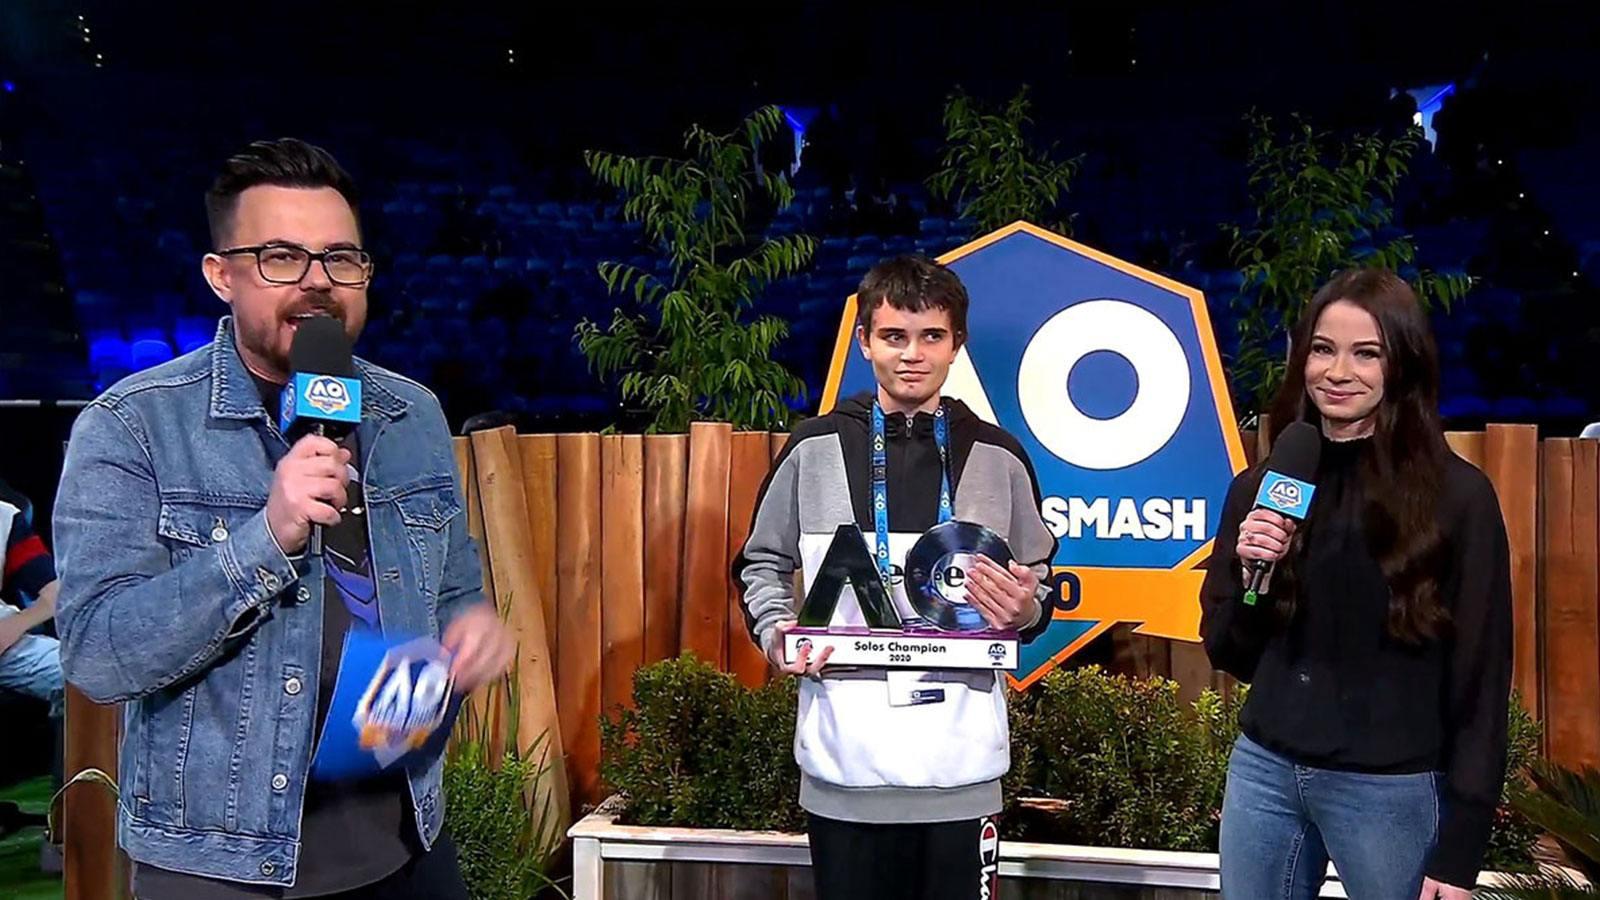 victoire Breso Open d'Australie Summer Smash